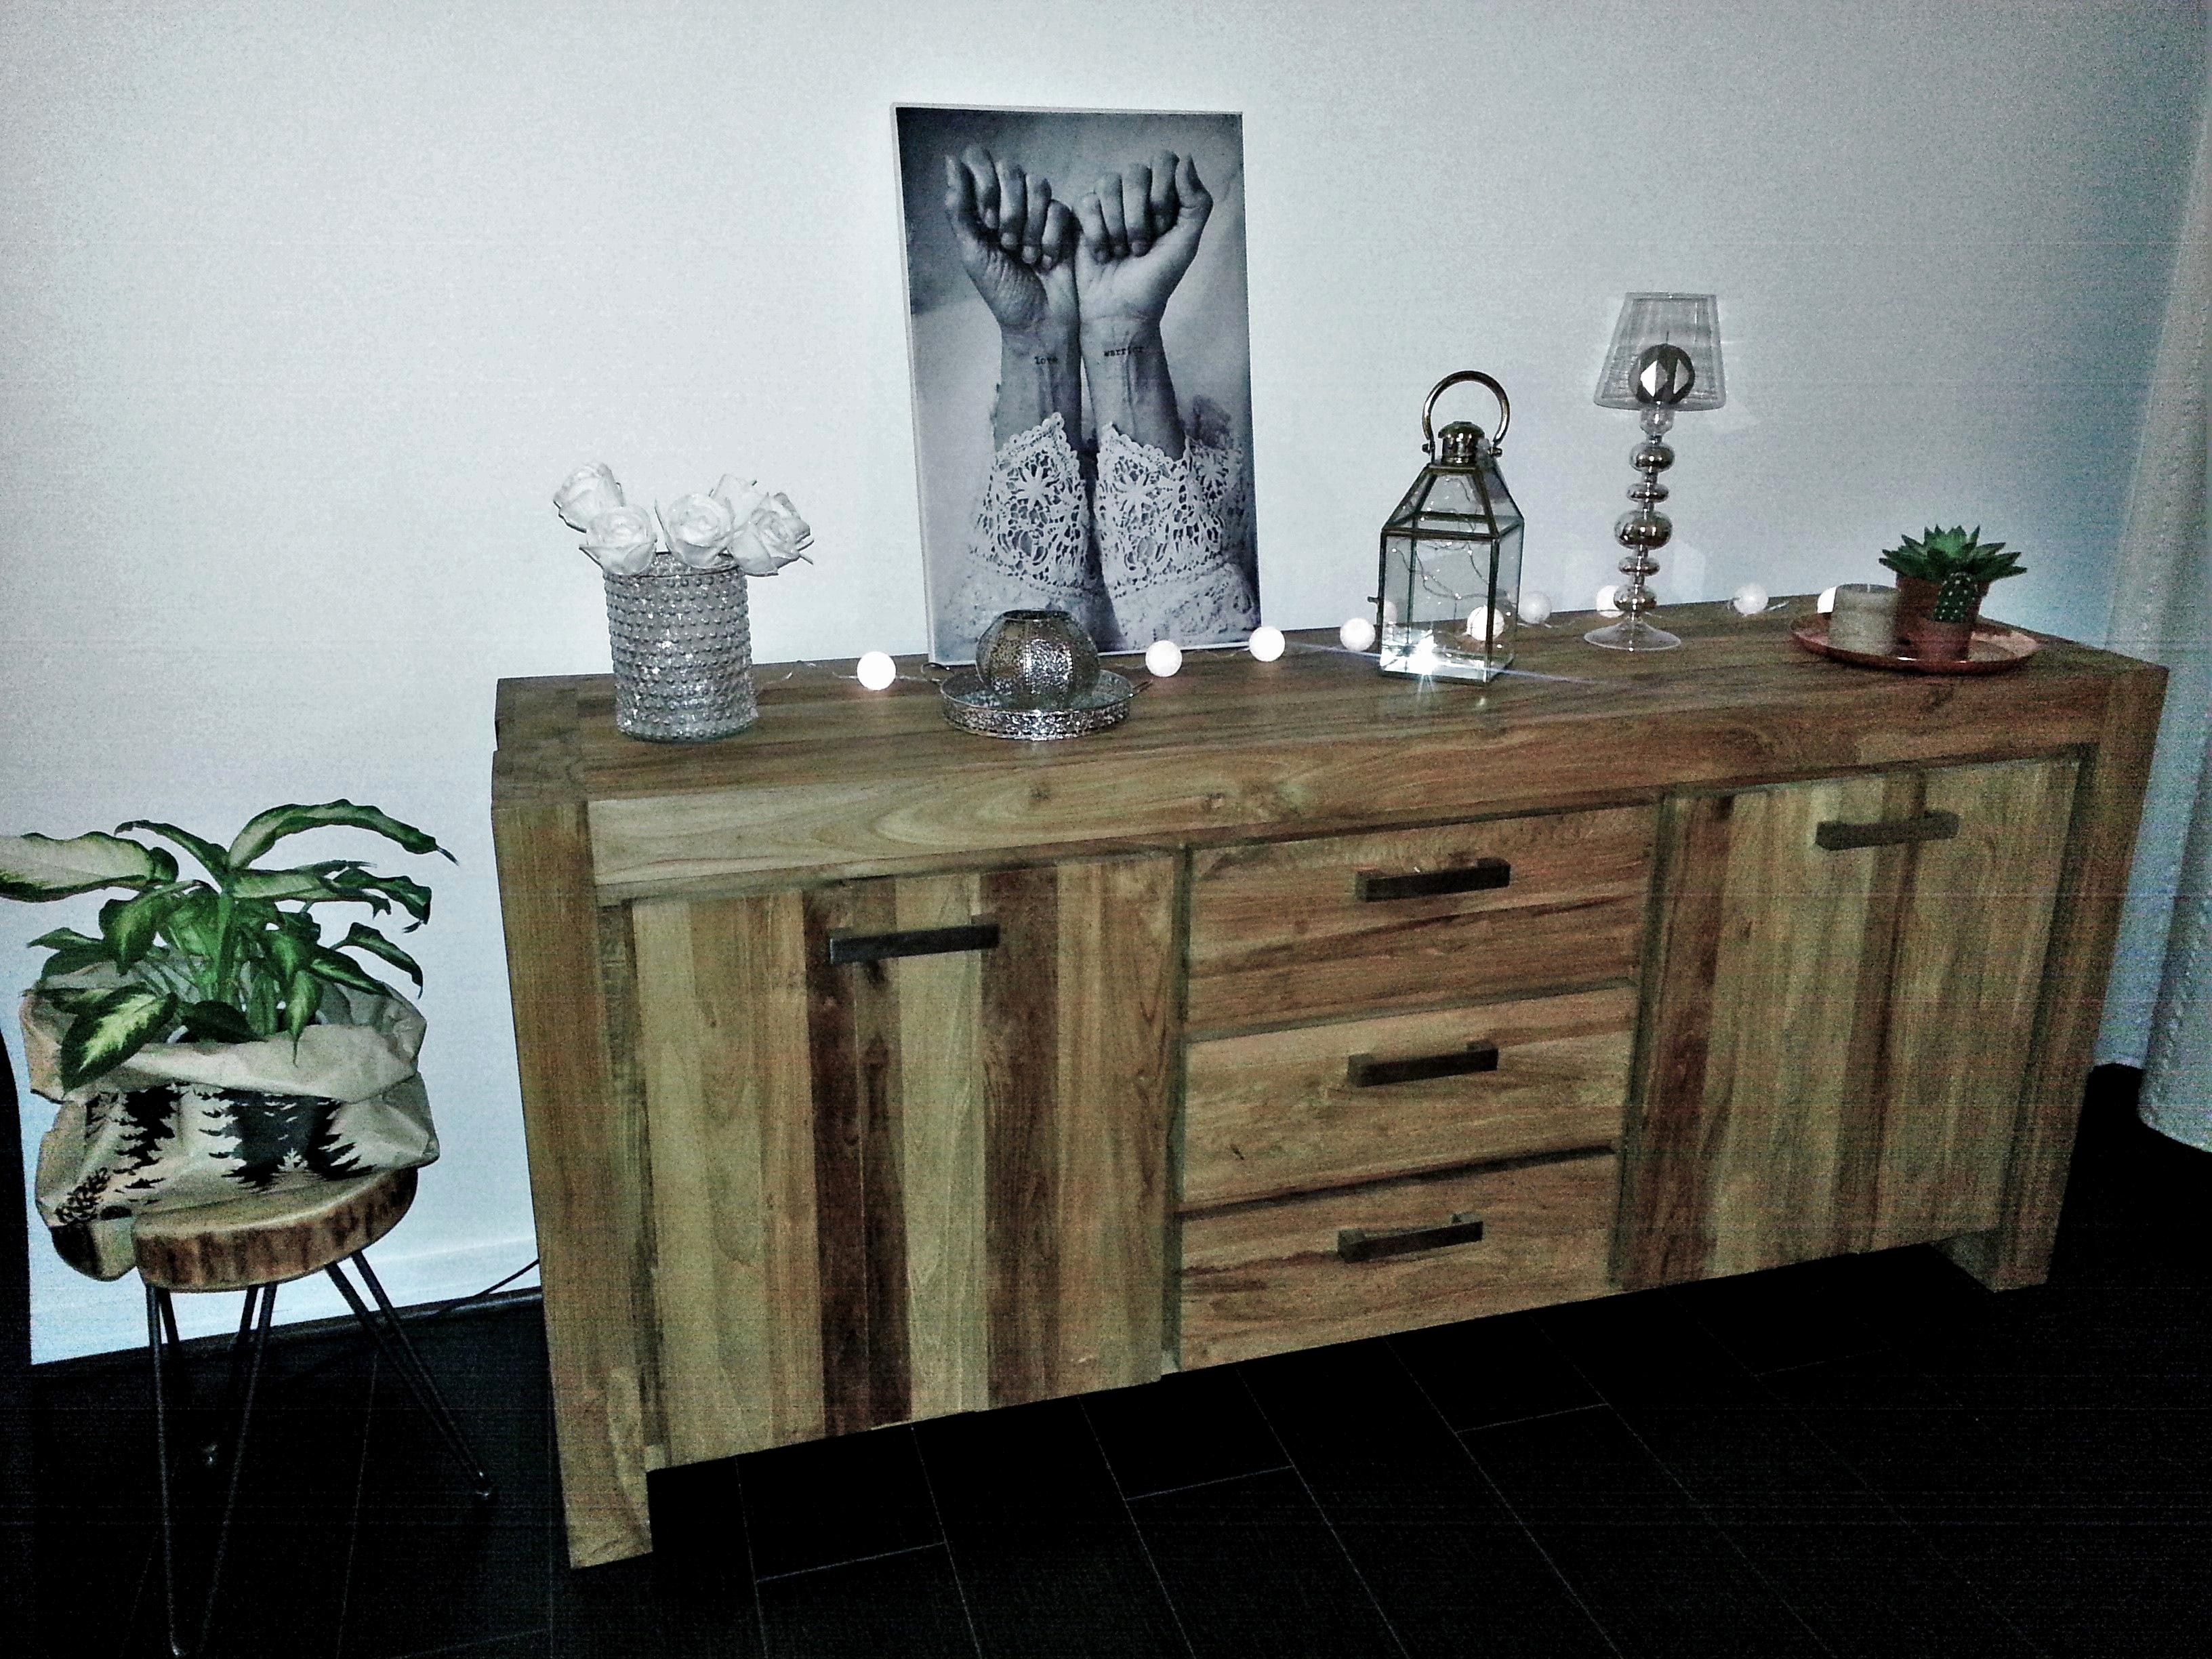 Cocktail Scandinave Meuble Salle De Bain Meilleur De Image Meuble Salle De Bain Cocktail Scandinave Beau Meubles Rouen Nouveau